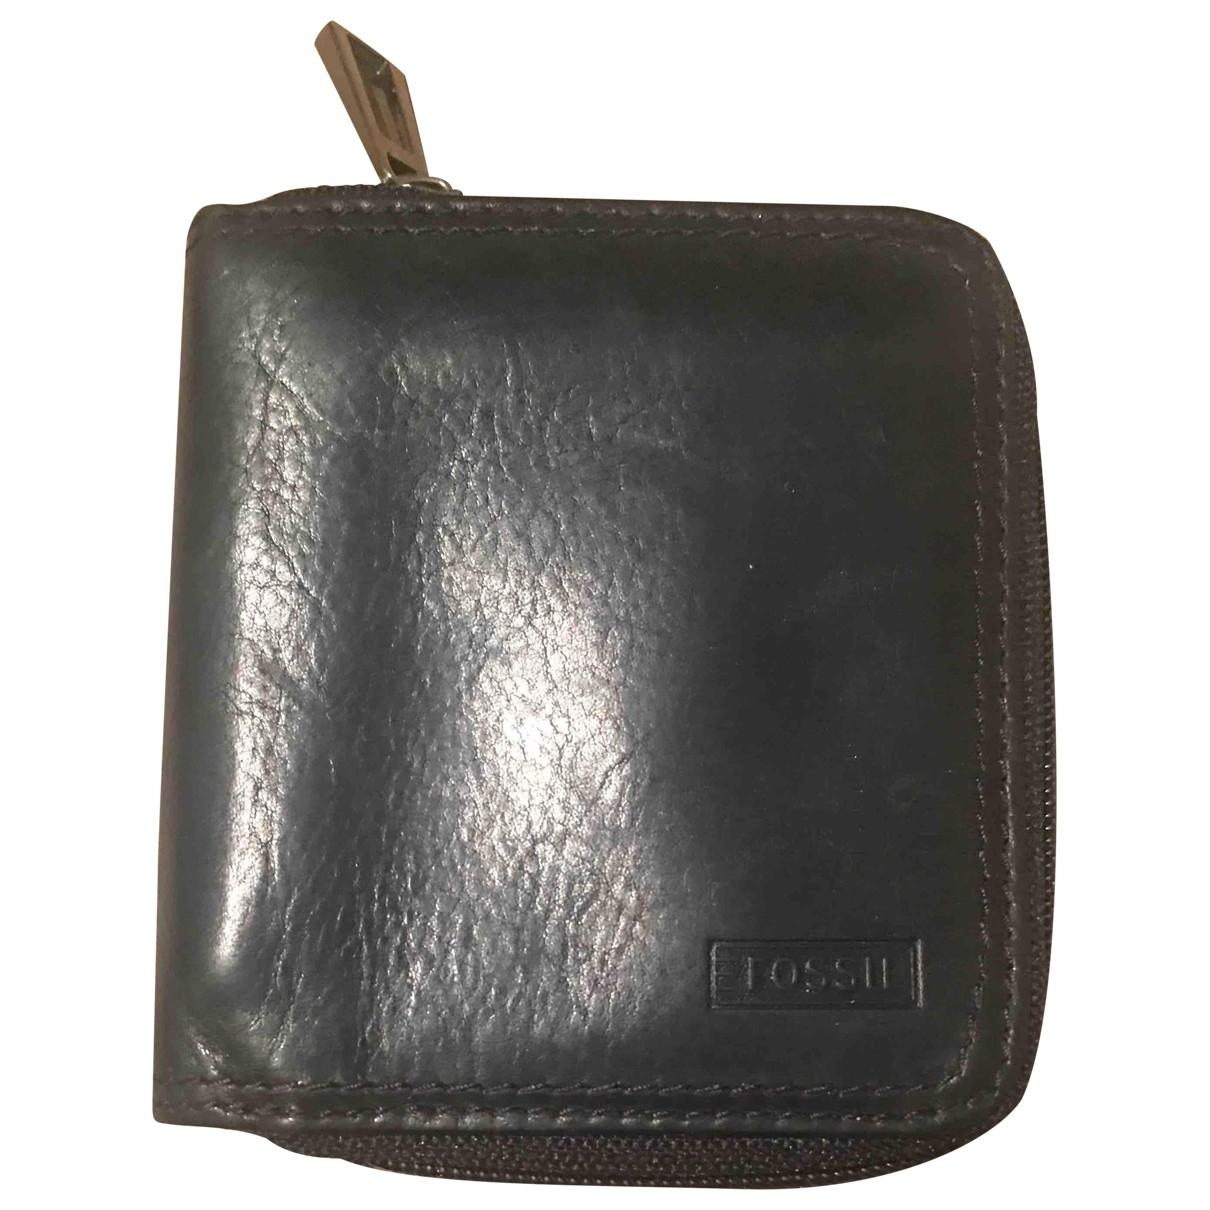 Fossil - Petite maroquinerie   pour femme en cuir - noir